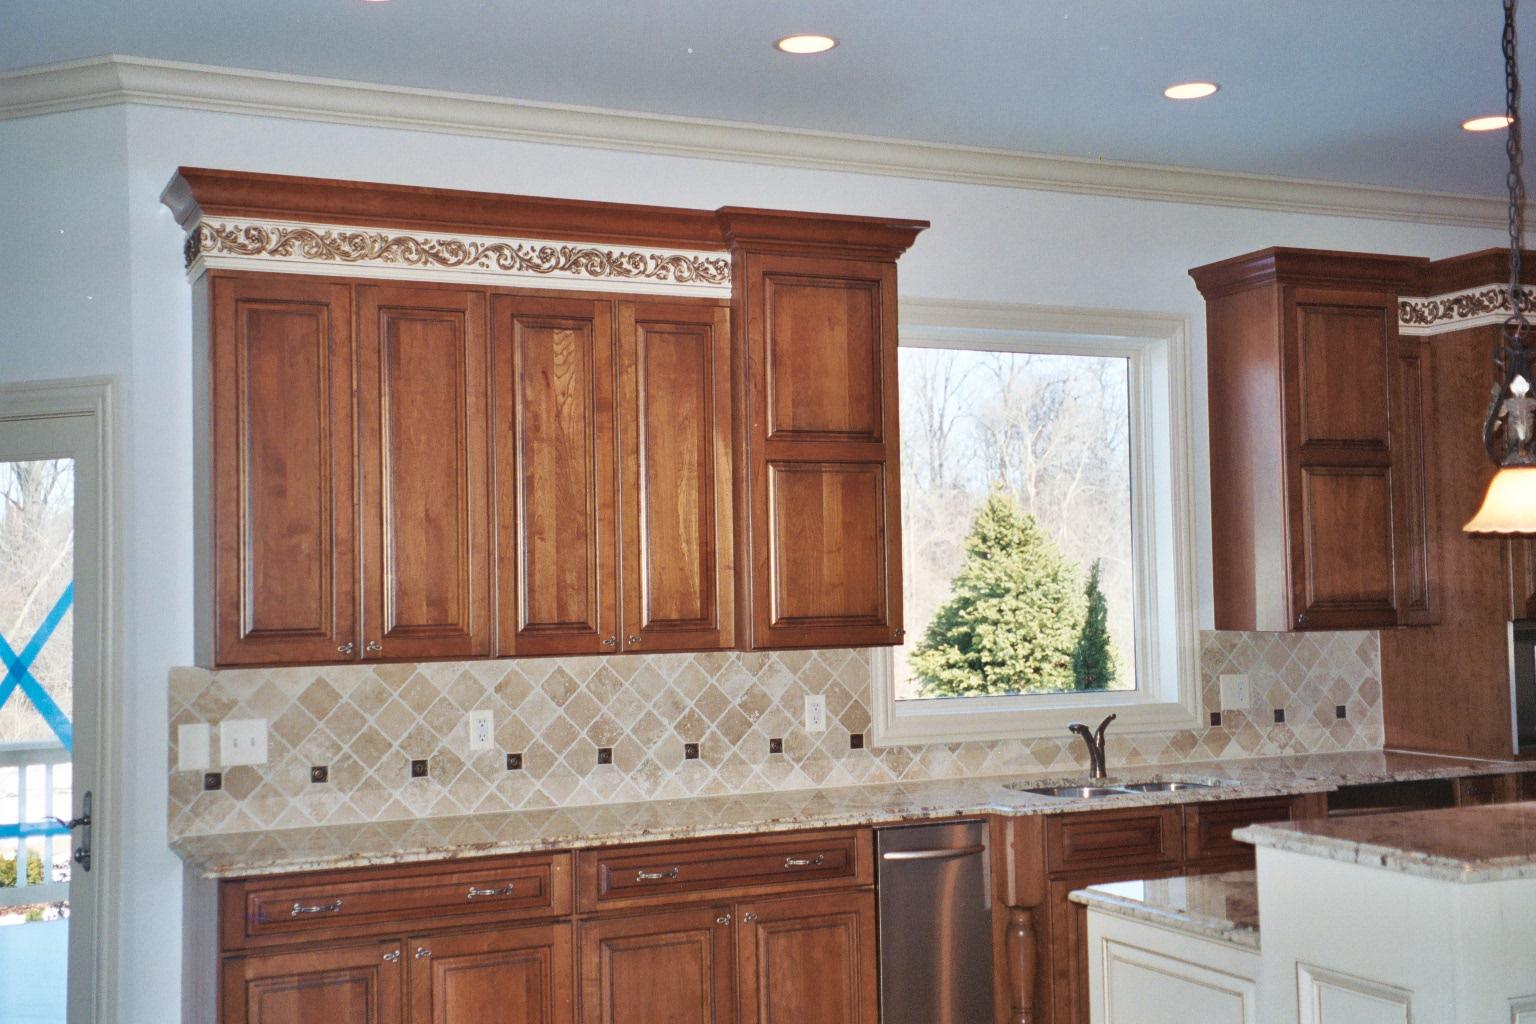 Where To End Kitchen Backsplash Tiles Belk Tile